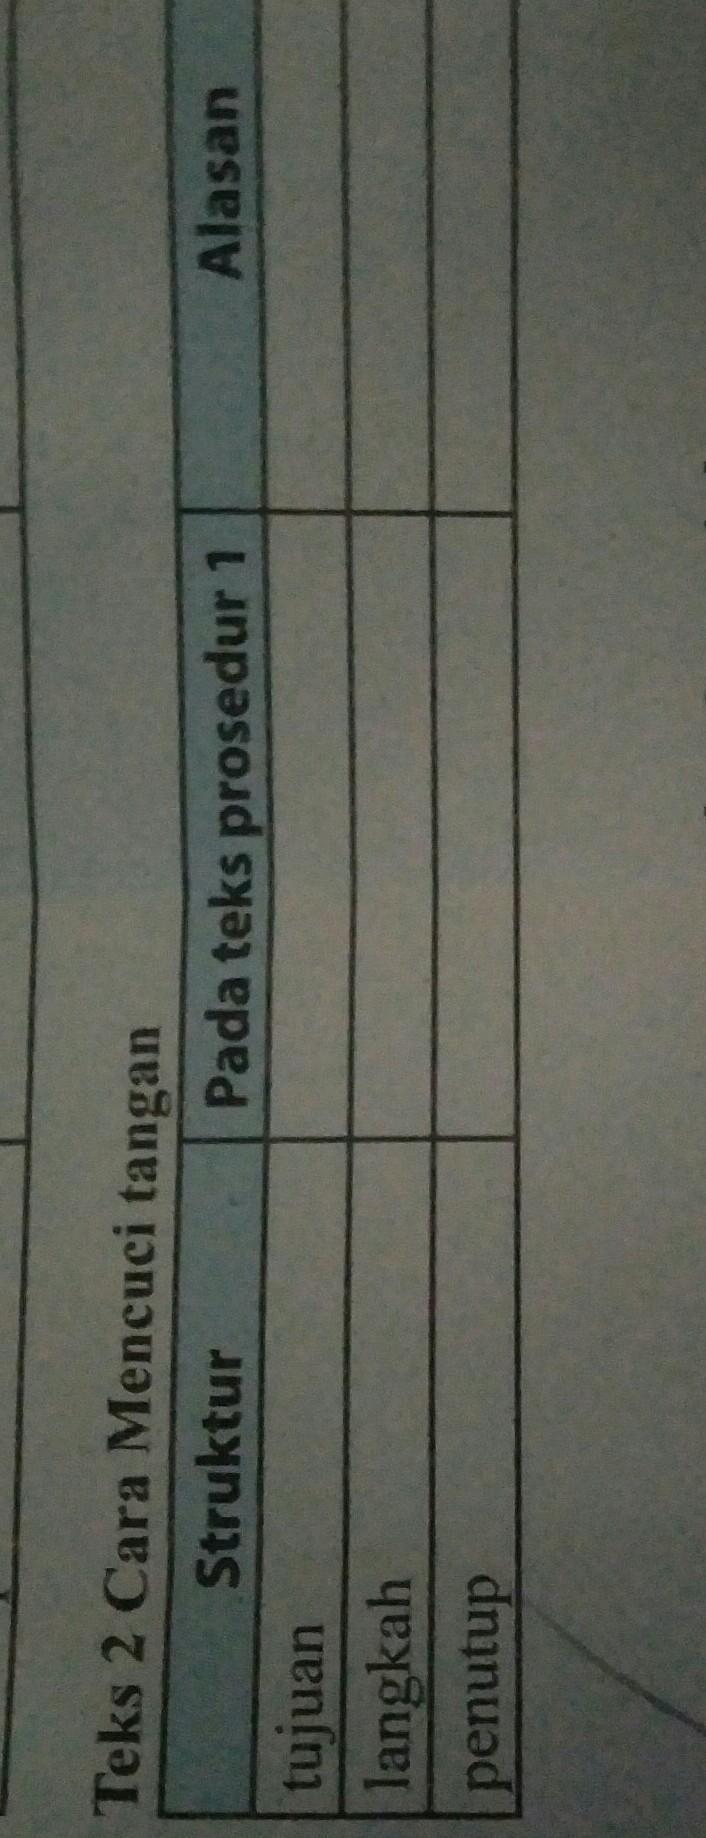 Kunci Jawaban Bahasa Indonesia Kelas 7 Halaman 104 Teks 2 Cara Mencuci Tangan